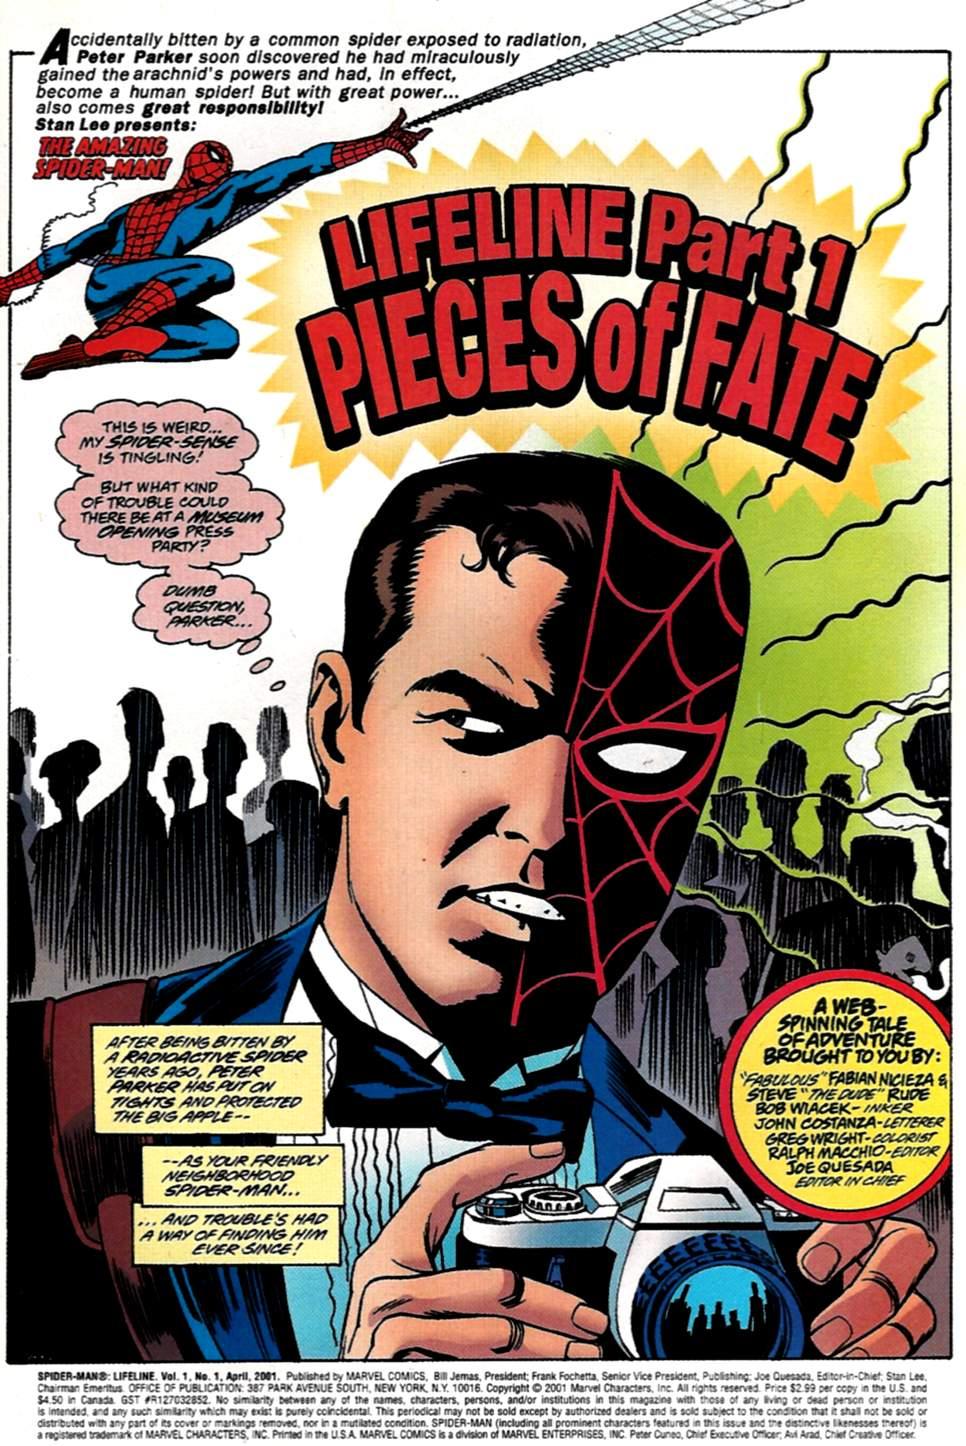 Read online Spider-Man: Lifeline comic -  Issue #1 - 2